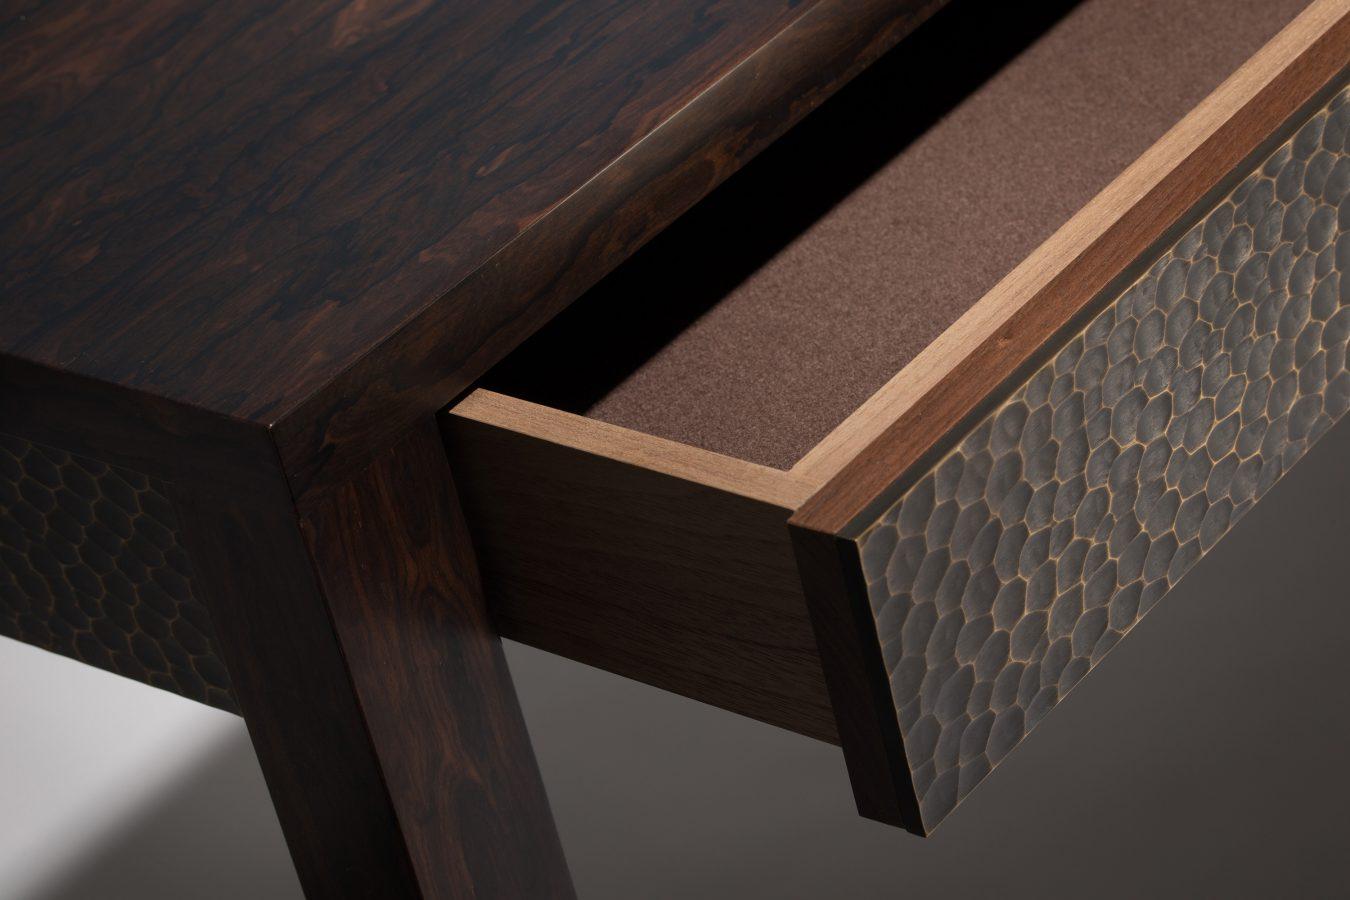 ziricote console table detail 1